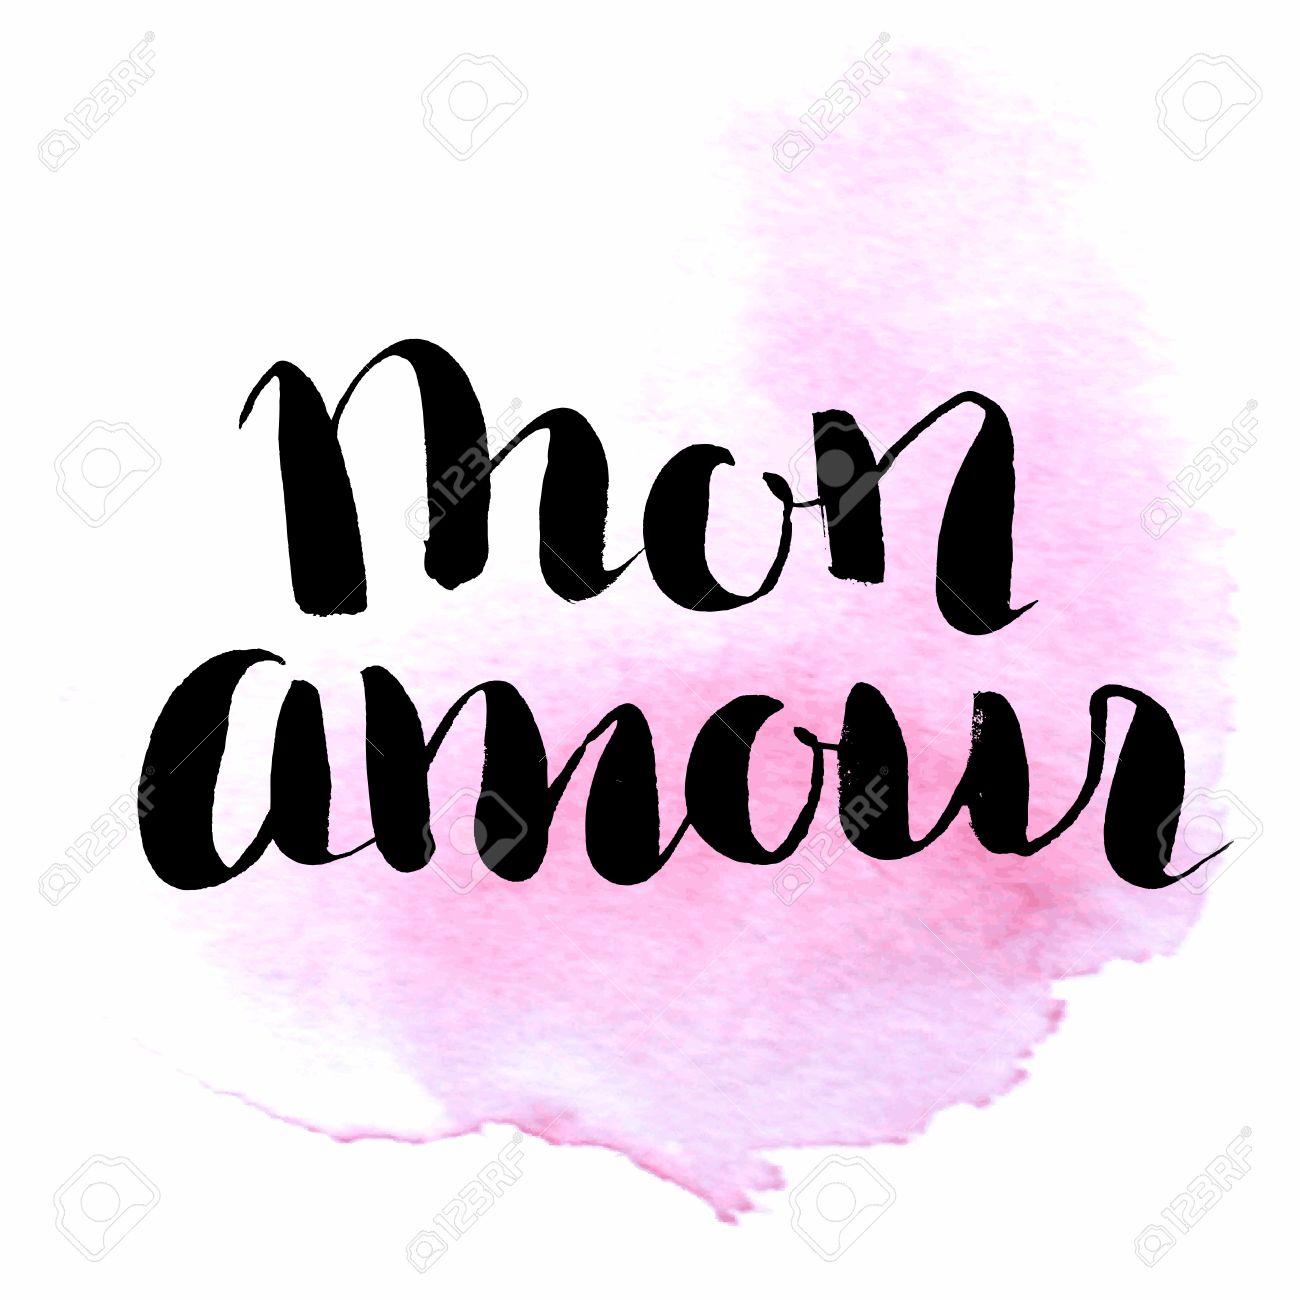 Mon Amour Letras De La Mano Citar Mi Amor En Francés Elemento Vector De La Caligrafía Moderna Para La Boda Y Tarjeta Del Día De San Valentín